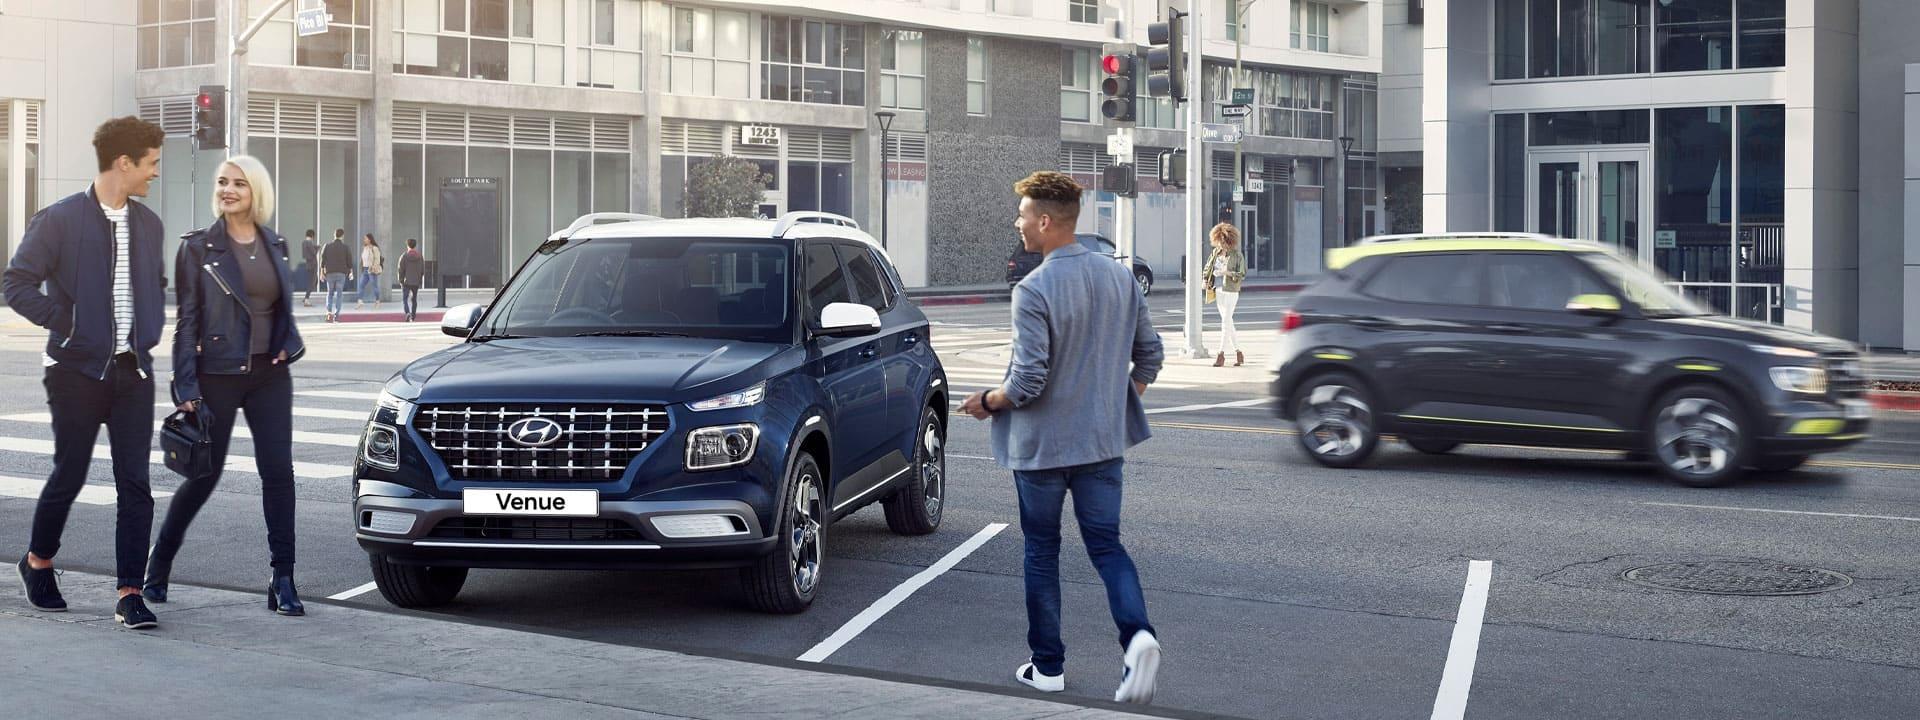 Hyundai Venue Exterior